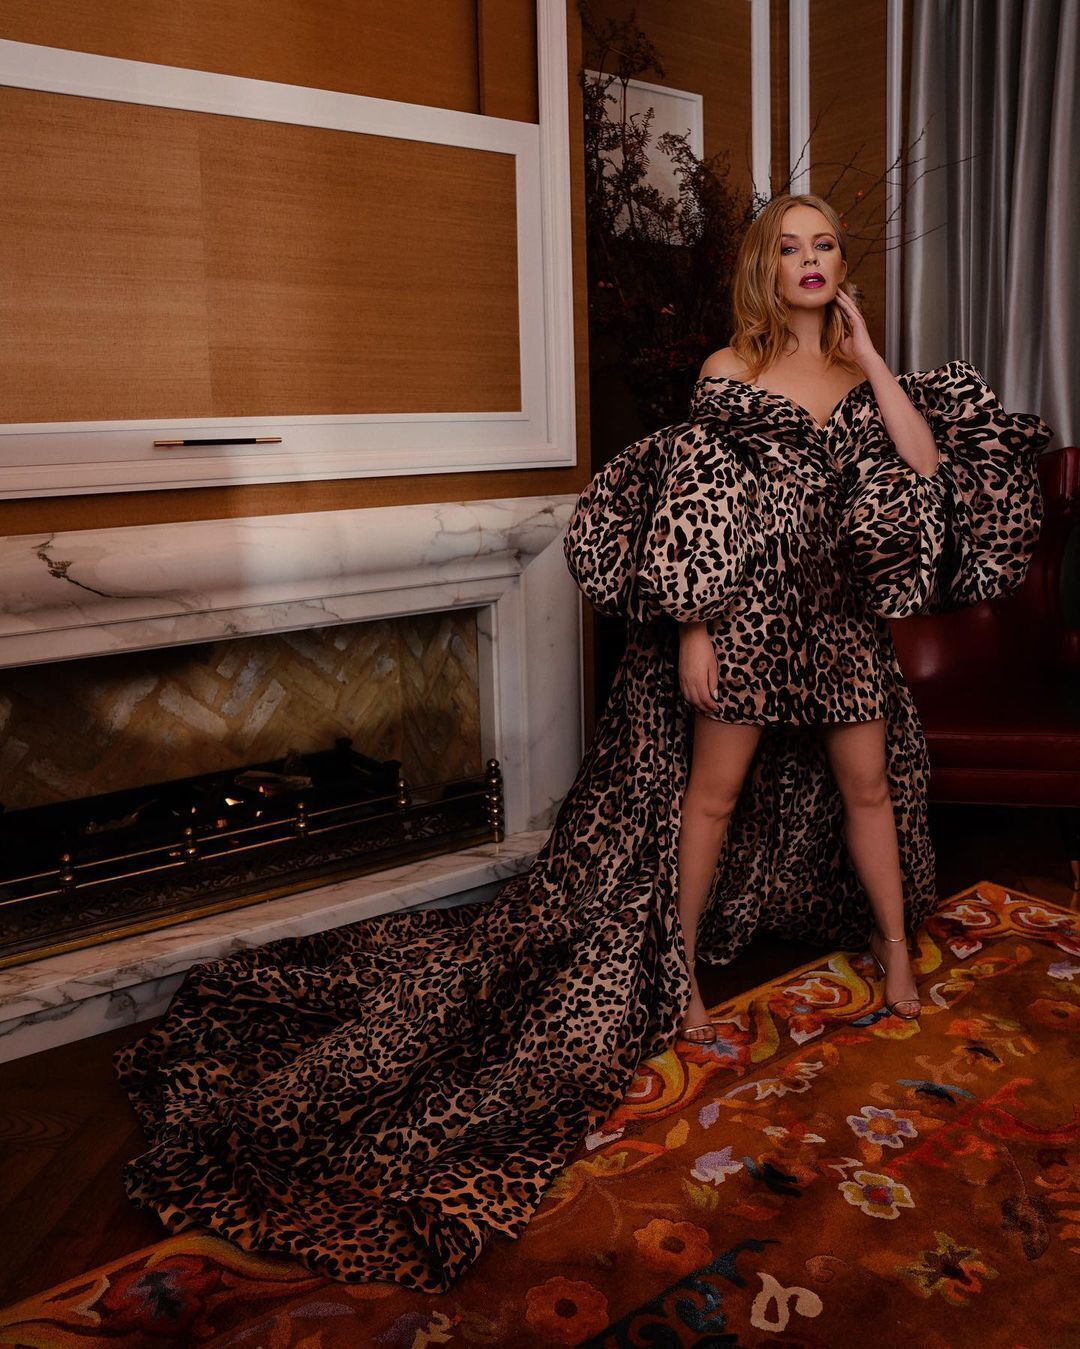 Кайлі Міноуг приміряла ефектну сукню